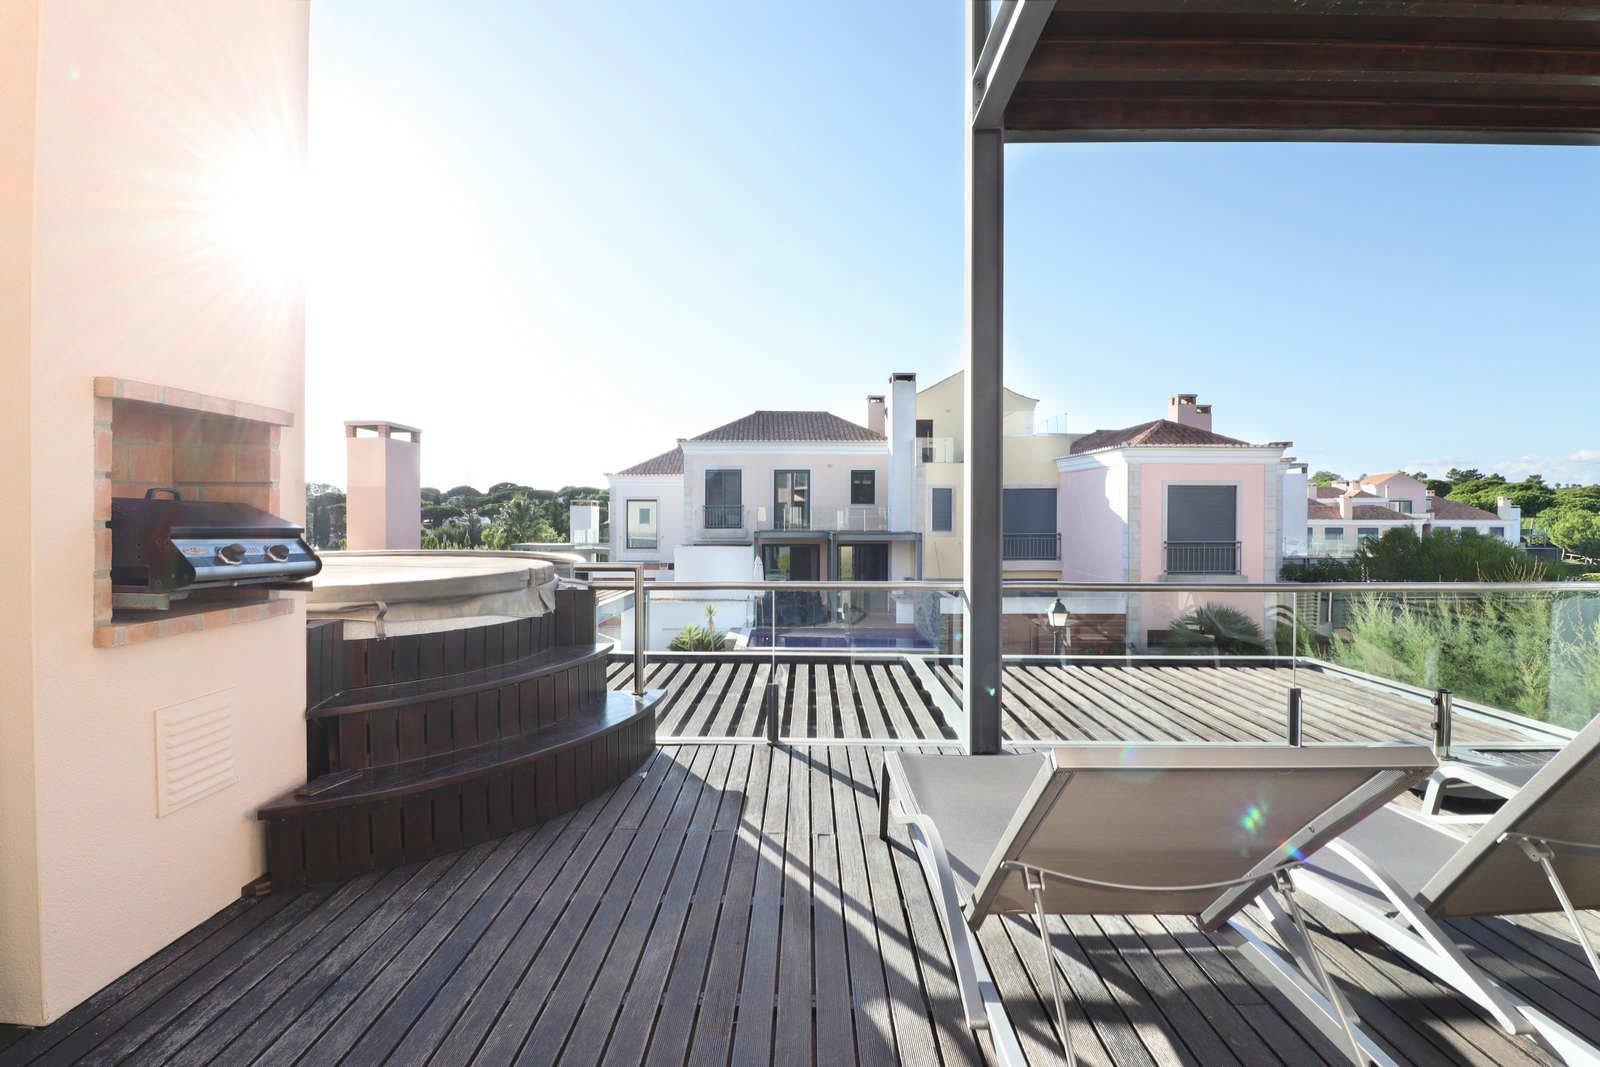 2 Bedroom Apartment Vale do Lobo, Central Algarve Ref: PA3647